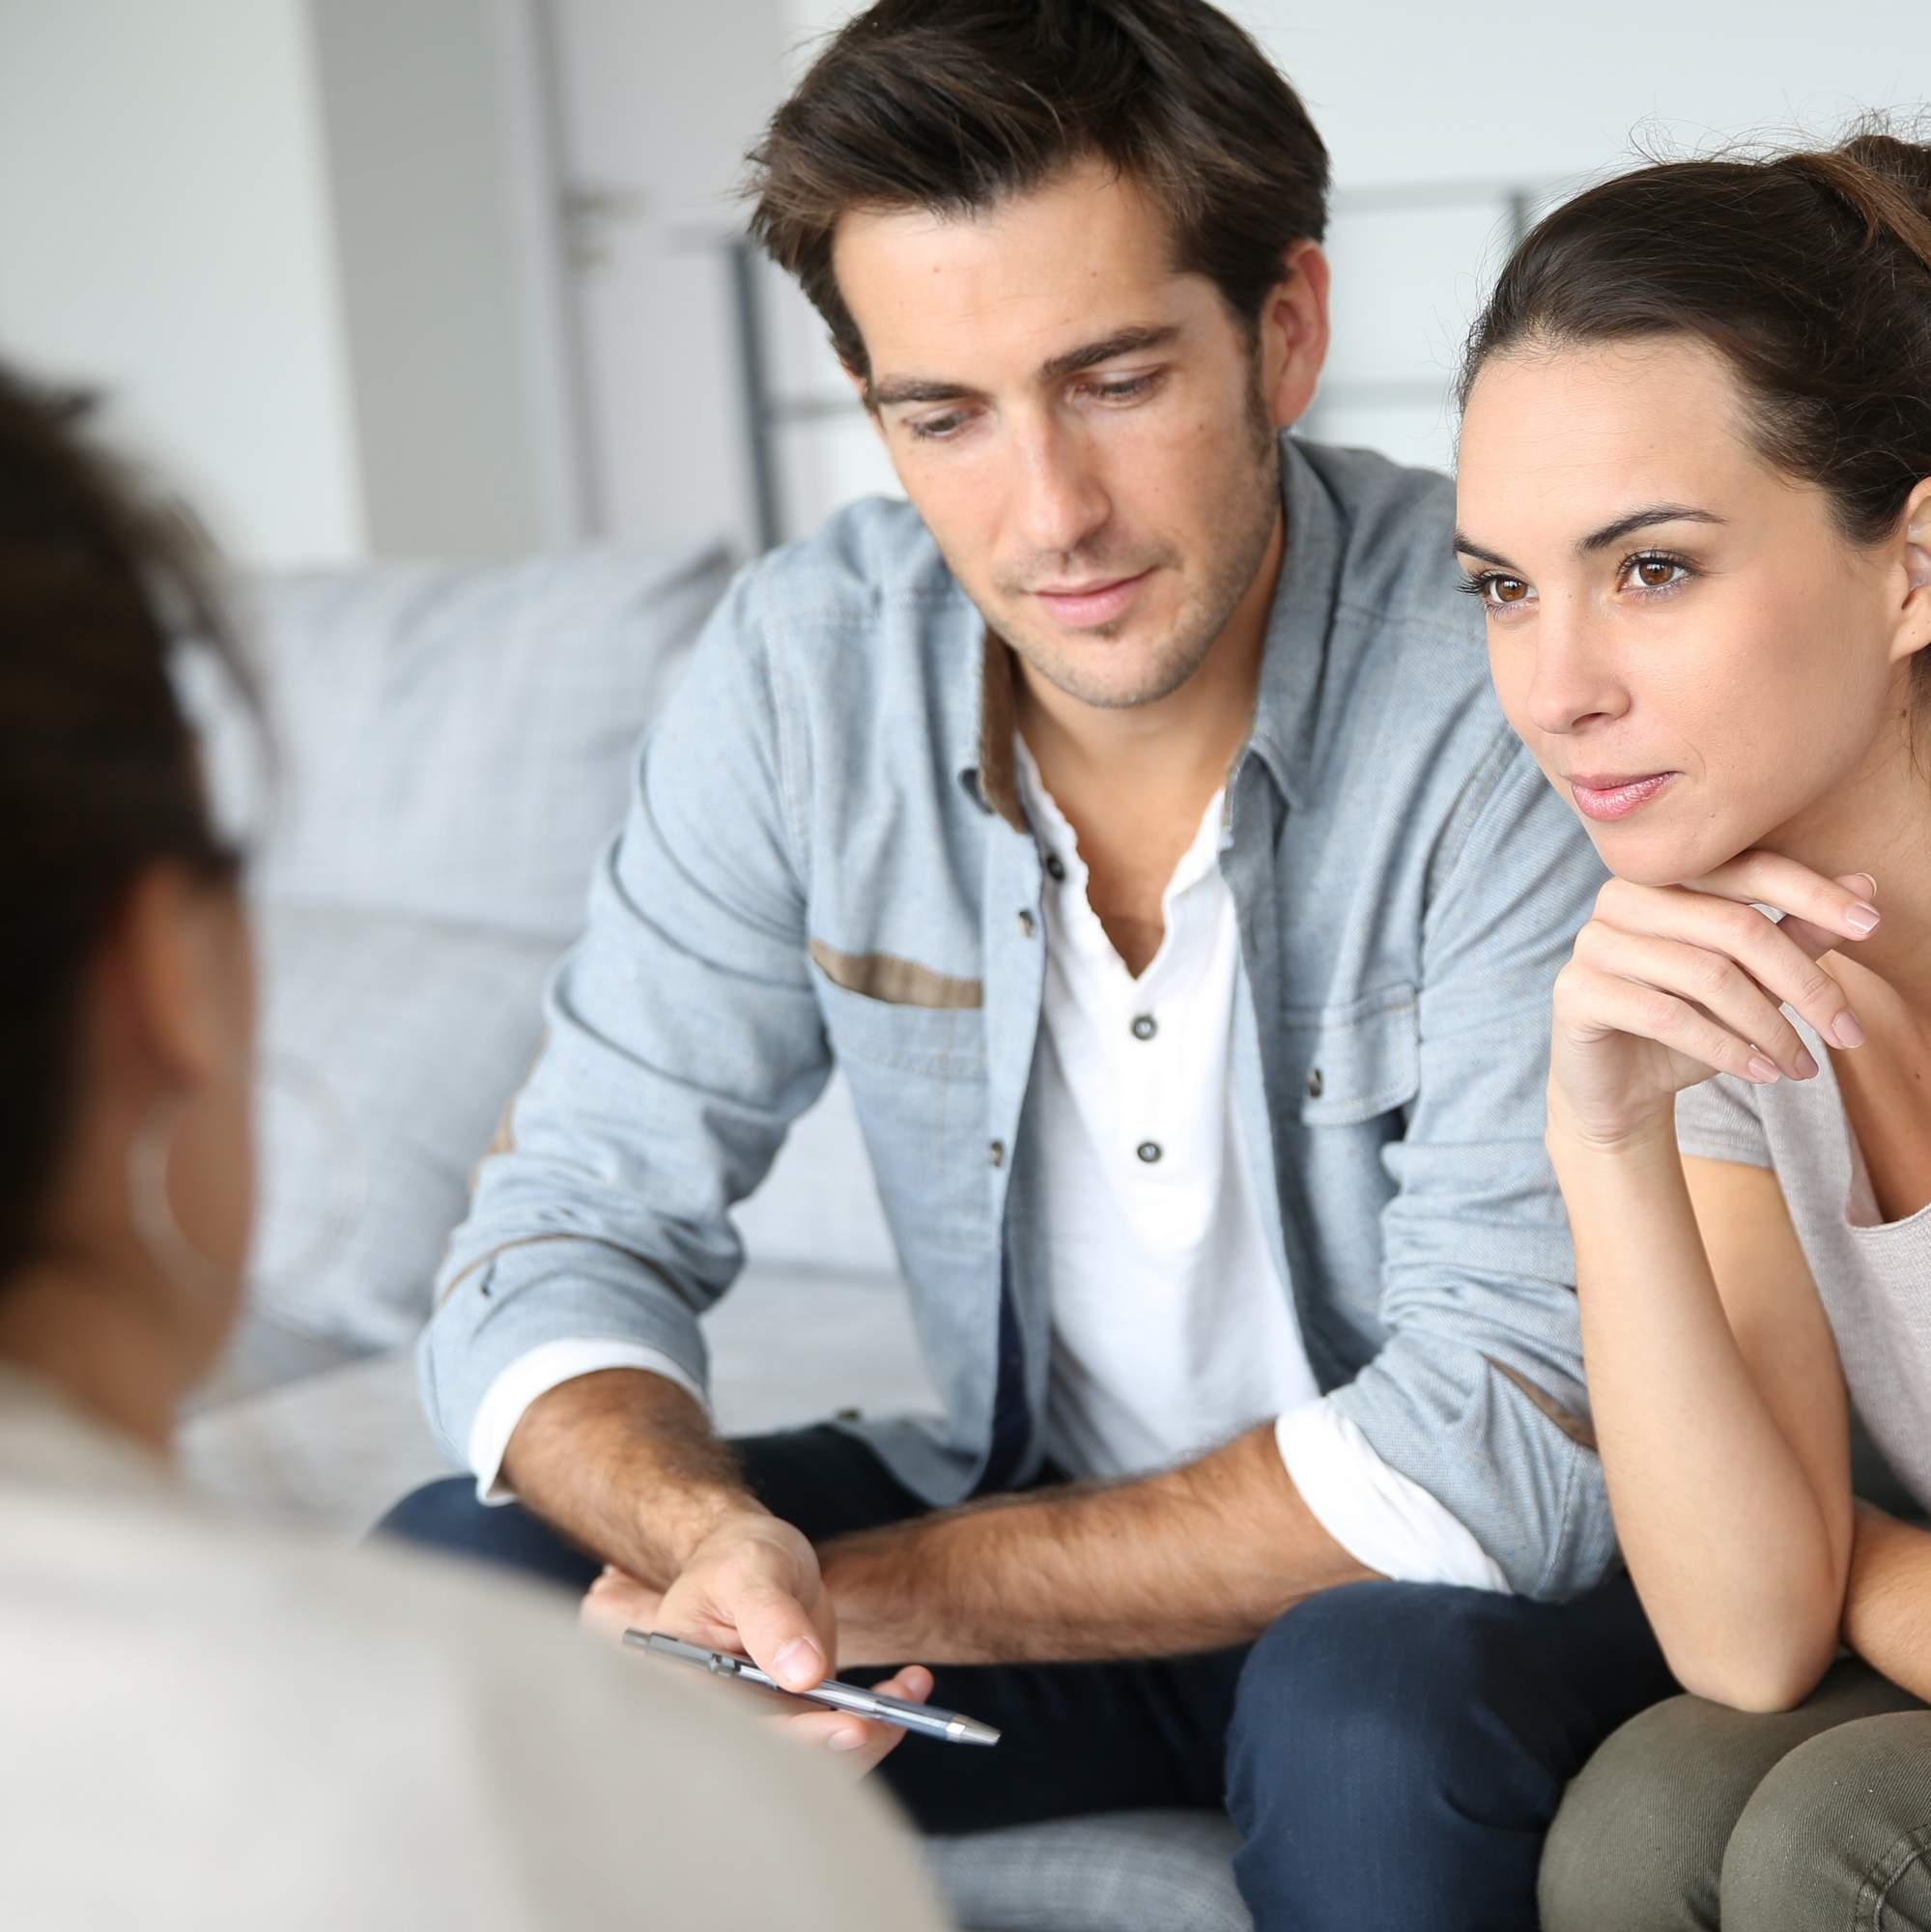 Maison à louer : Comment dénicher la maison à louer qui vous convient vraiment ?